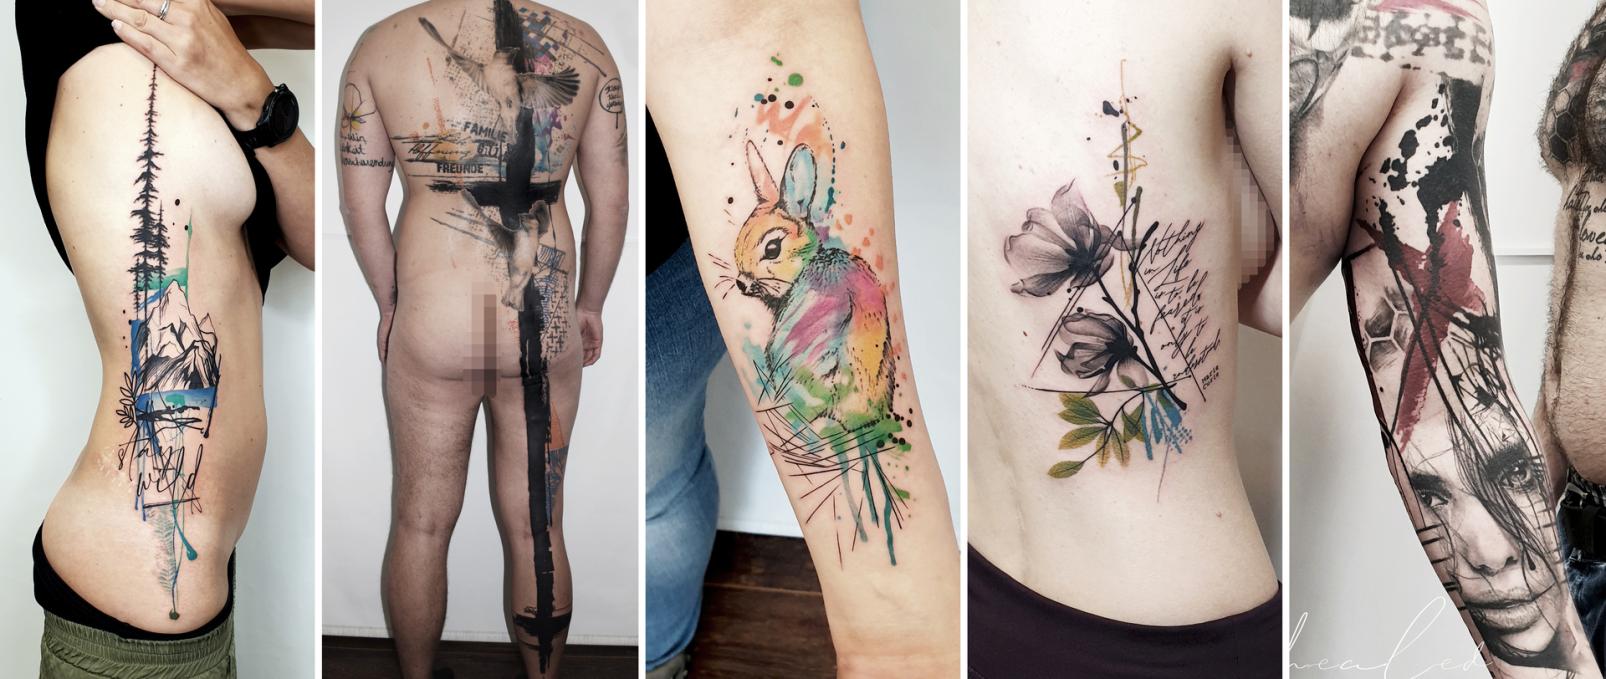 Stechpunkt Trash Watercolor Tattoo